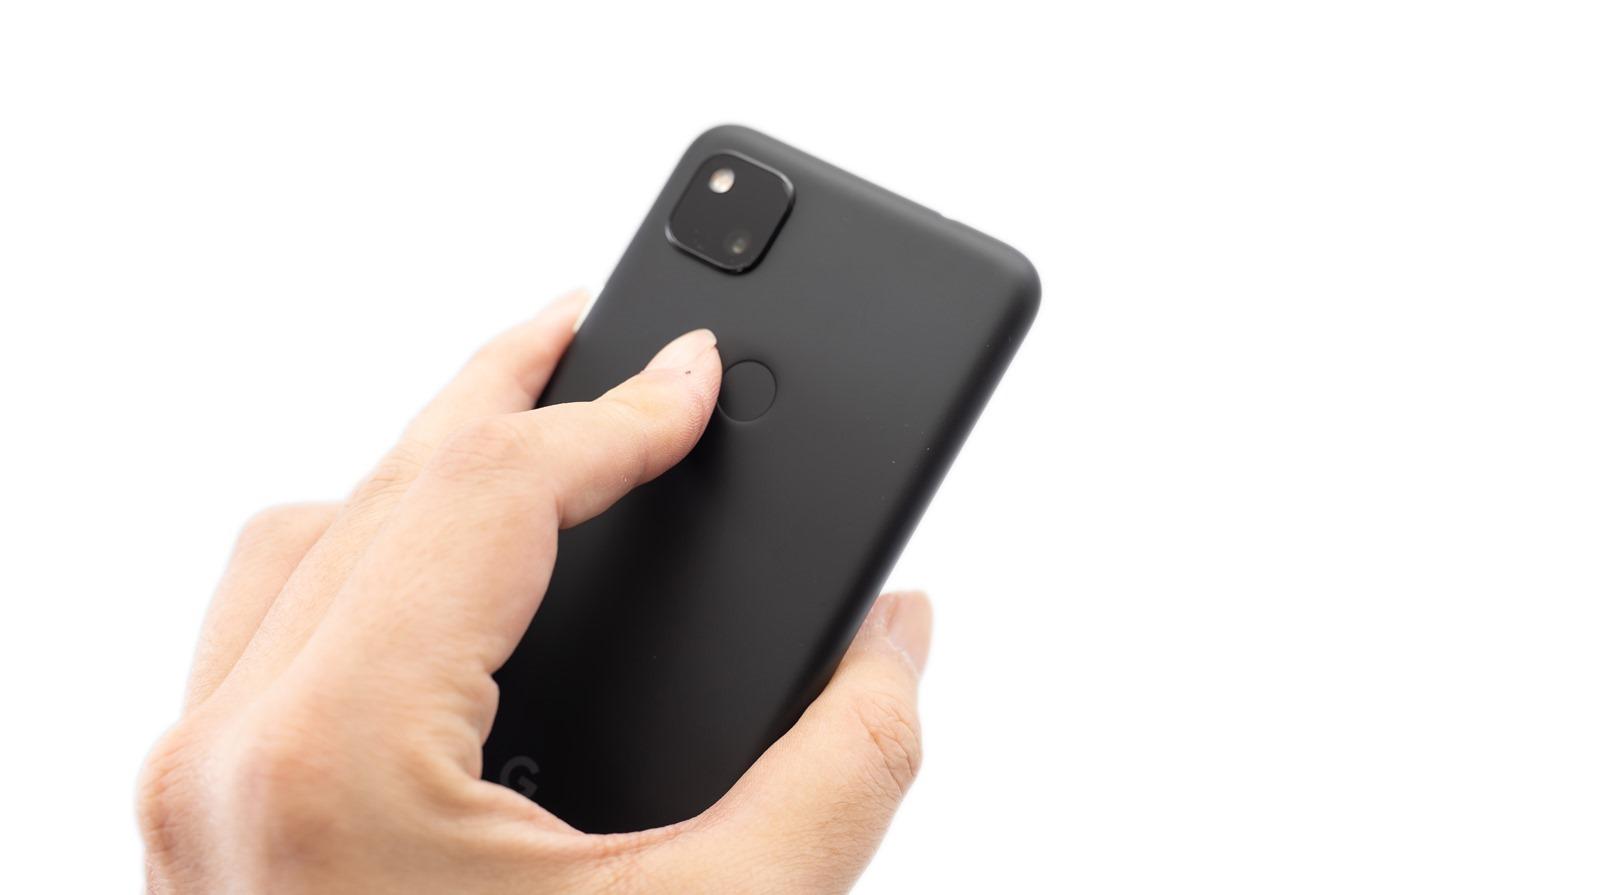 最便宜 Pixel 手機來到!Google Pixel 4a (1) 開箱,看看盒中有什麼? ( Google Pixel 4a XL Unboxing) 附規格 / 彙整資料 @3C 達人廖阿輝